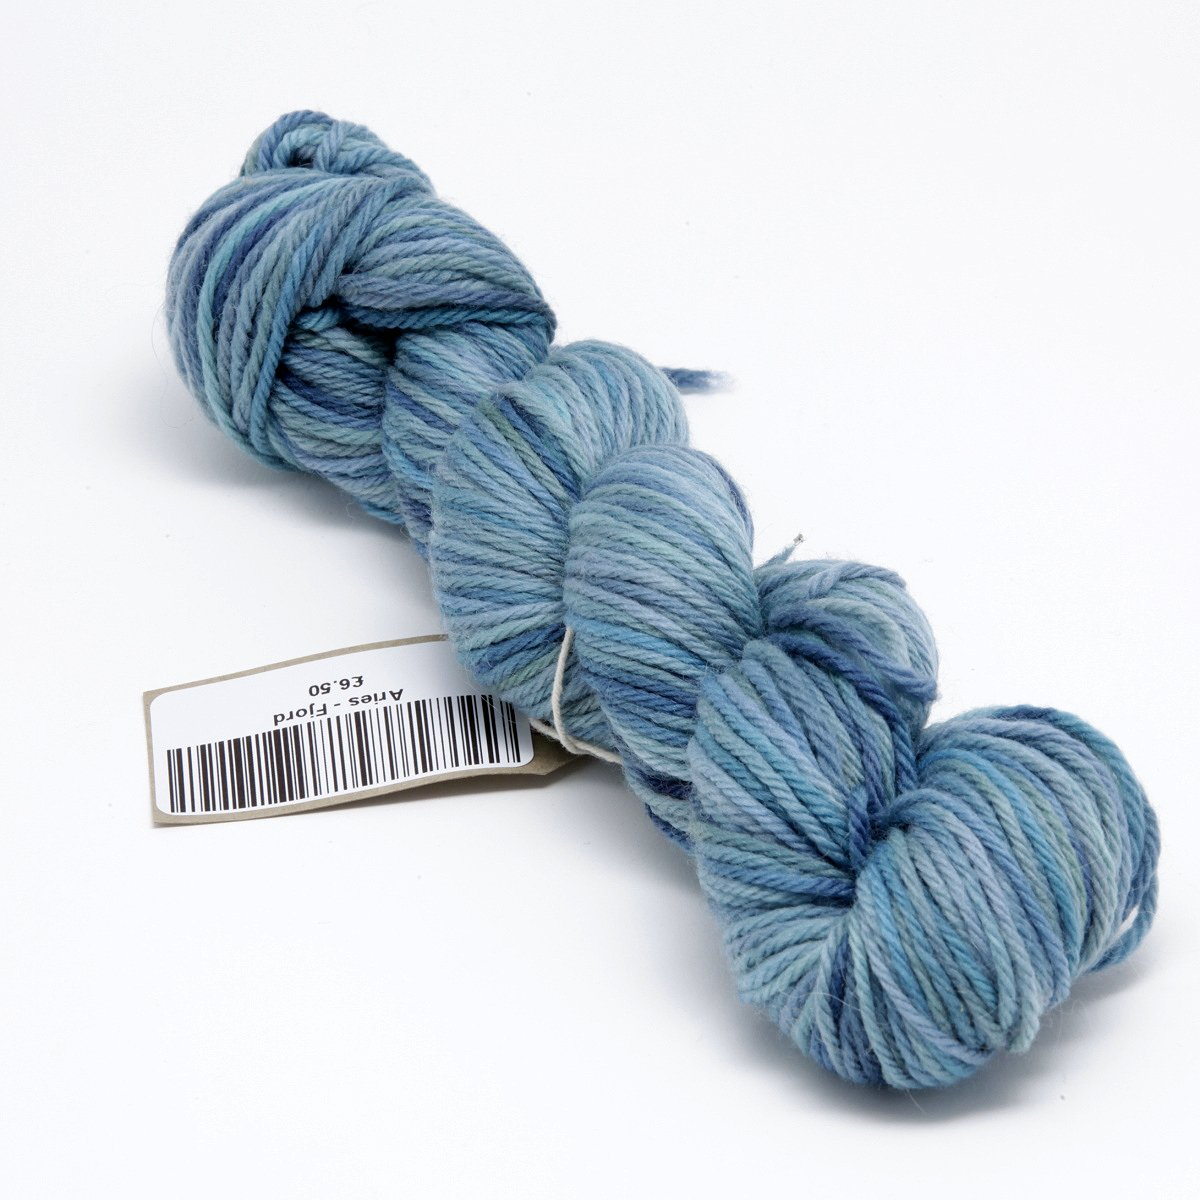 Hand Dyed Merino Yarn